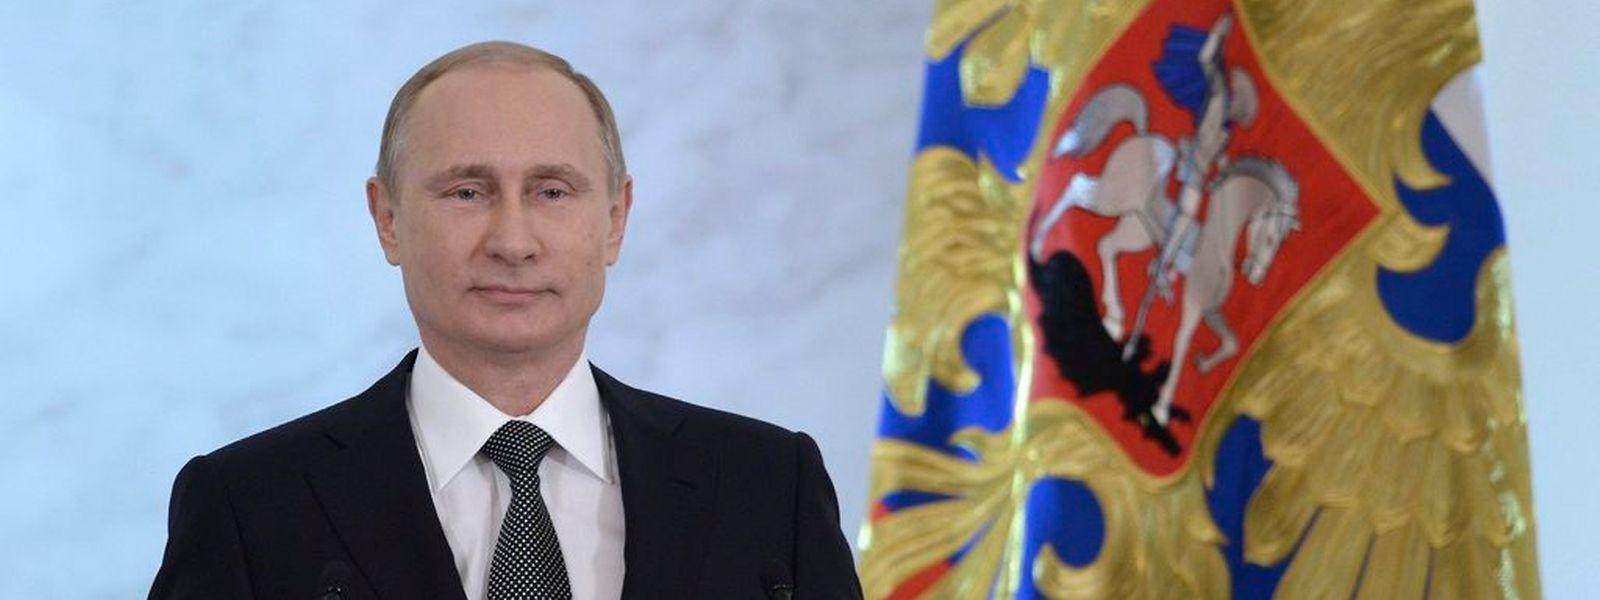 Putin warf den USA vor, Osteuropa zu destabilisieren und Staaten aus der Ferne zu manipulieren.